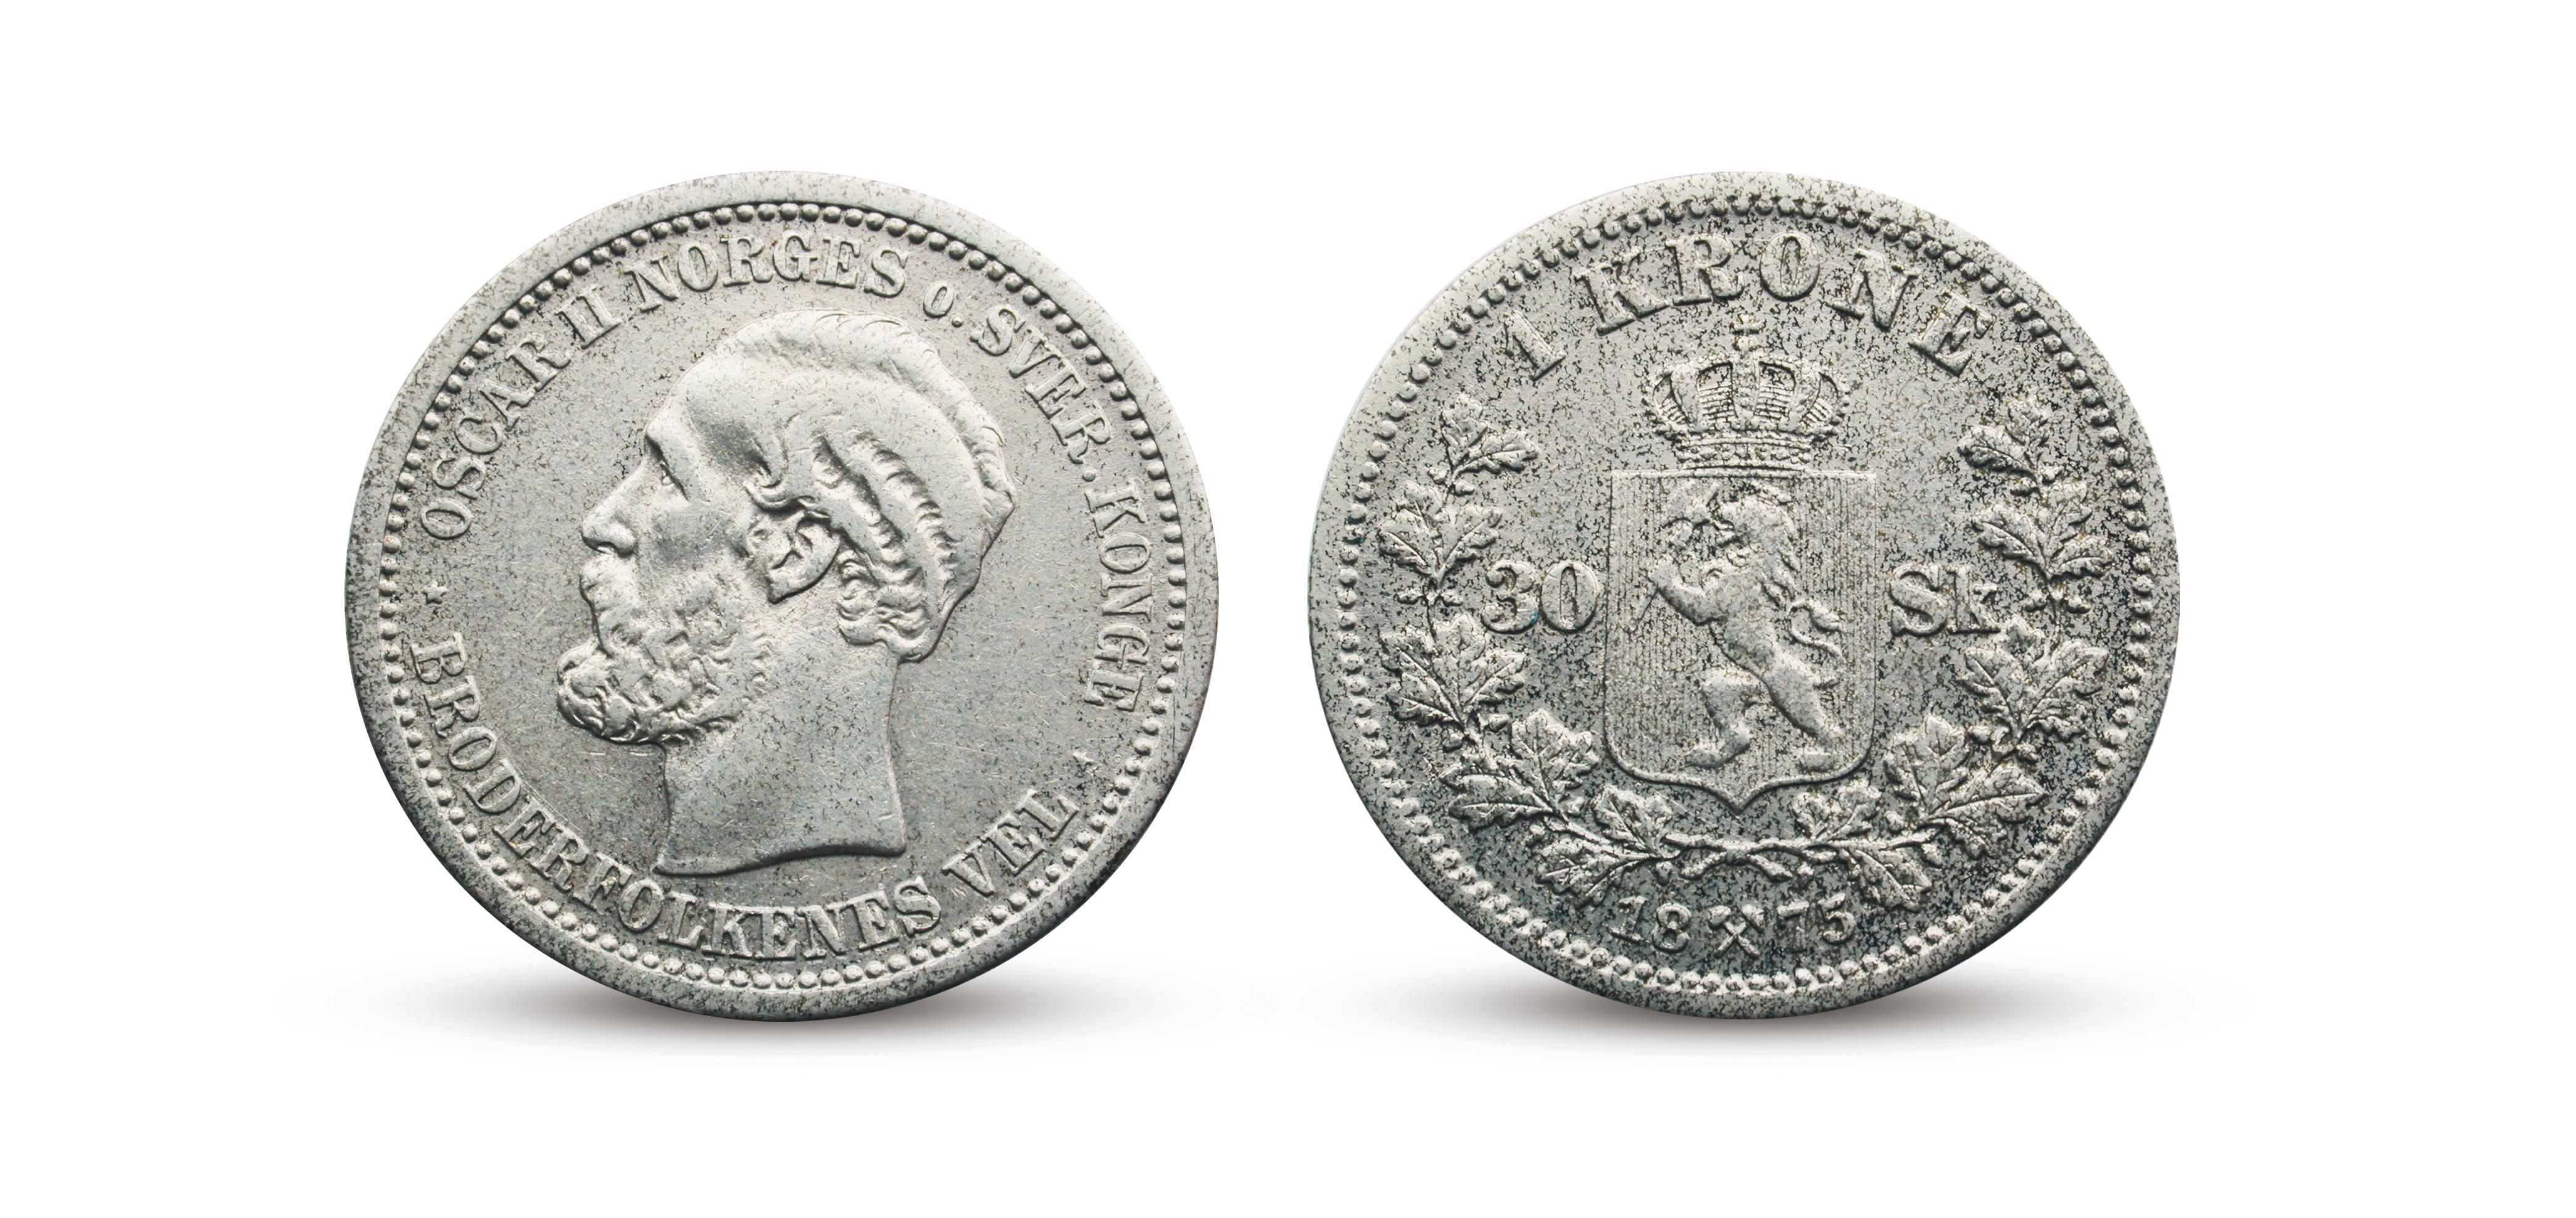 En krone med dobbeltvalør fra 1875